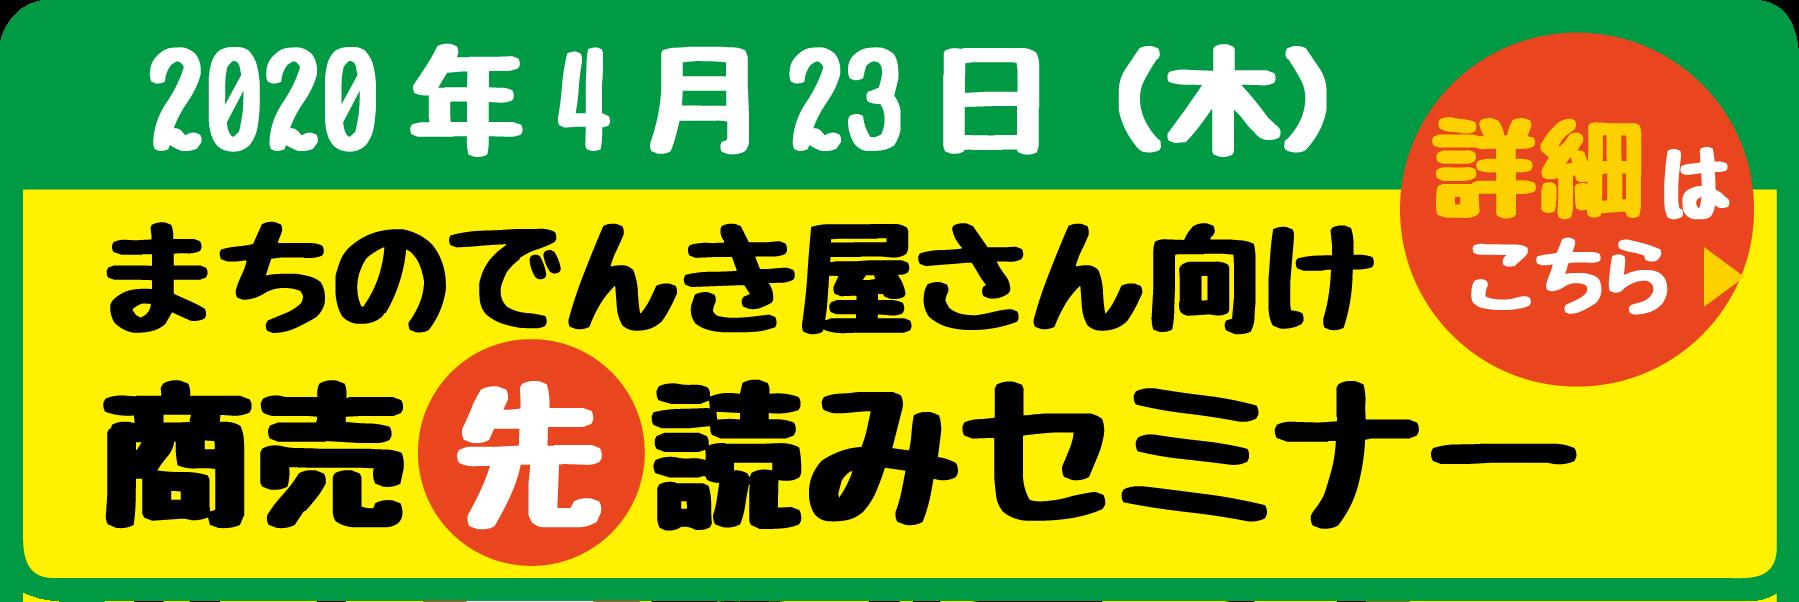 4月23日商売先読みセミナー